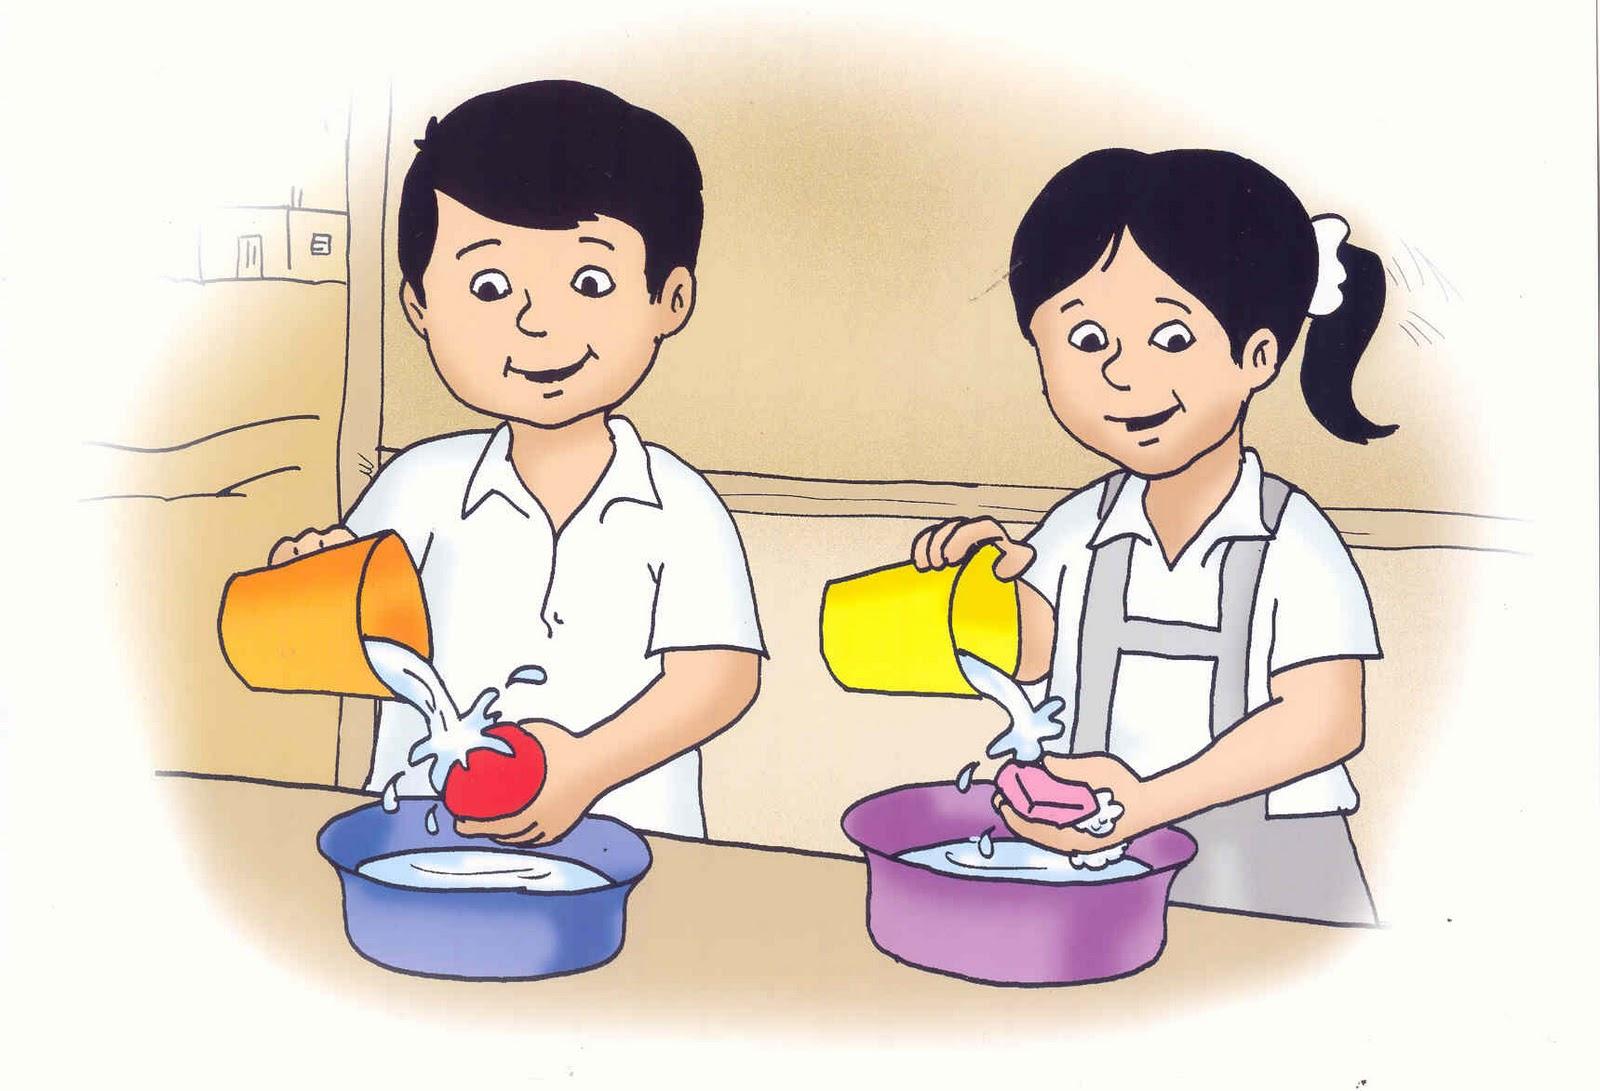 Lavar los alimentos dibujo - Imagui